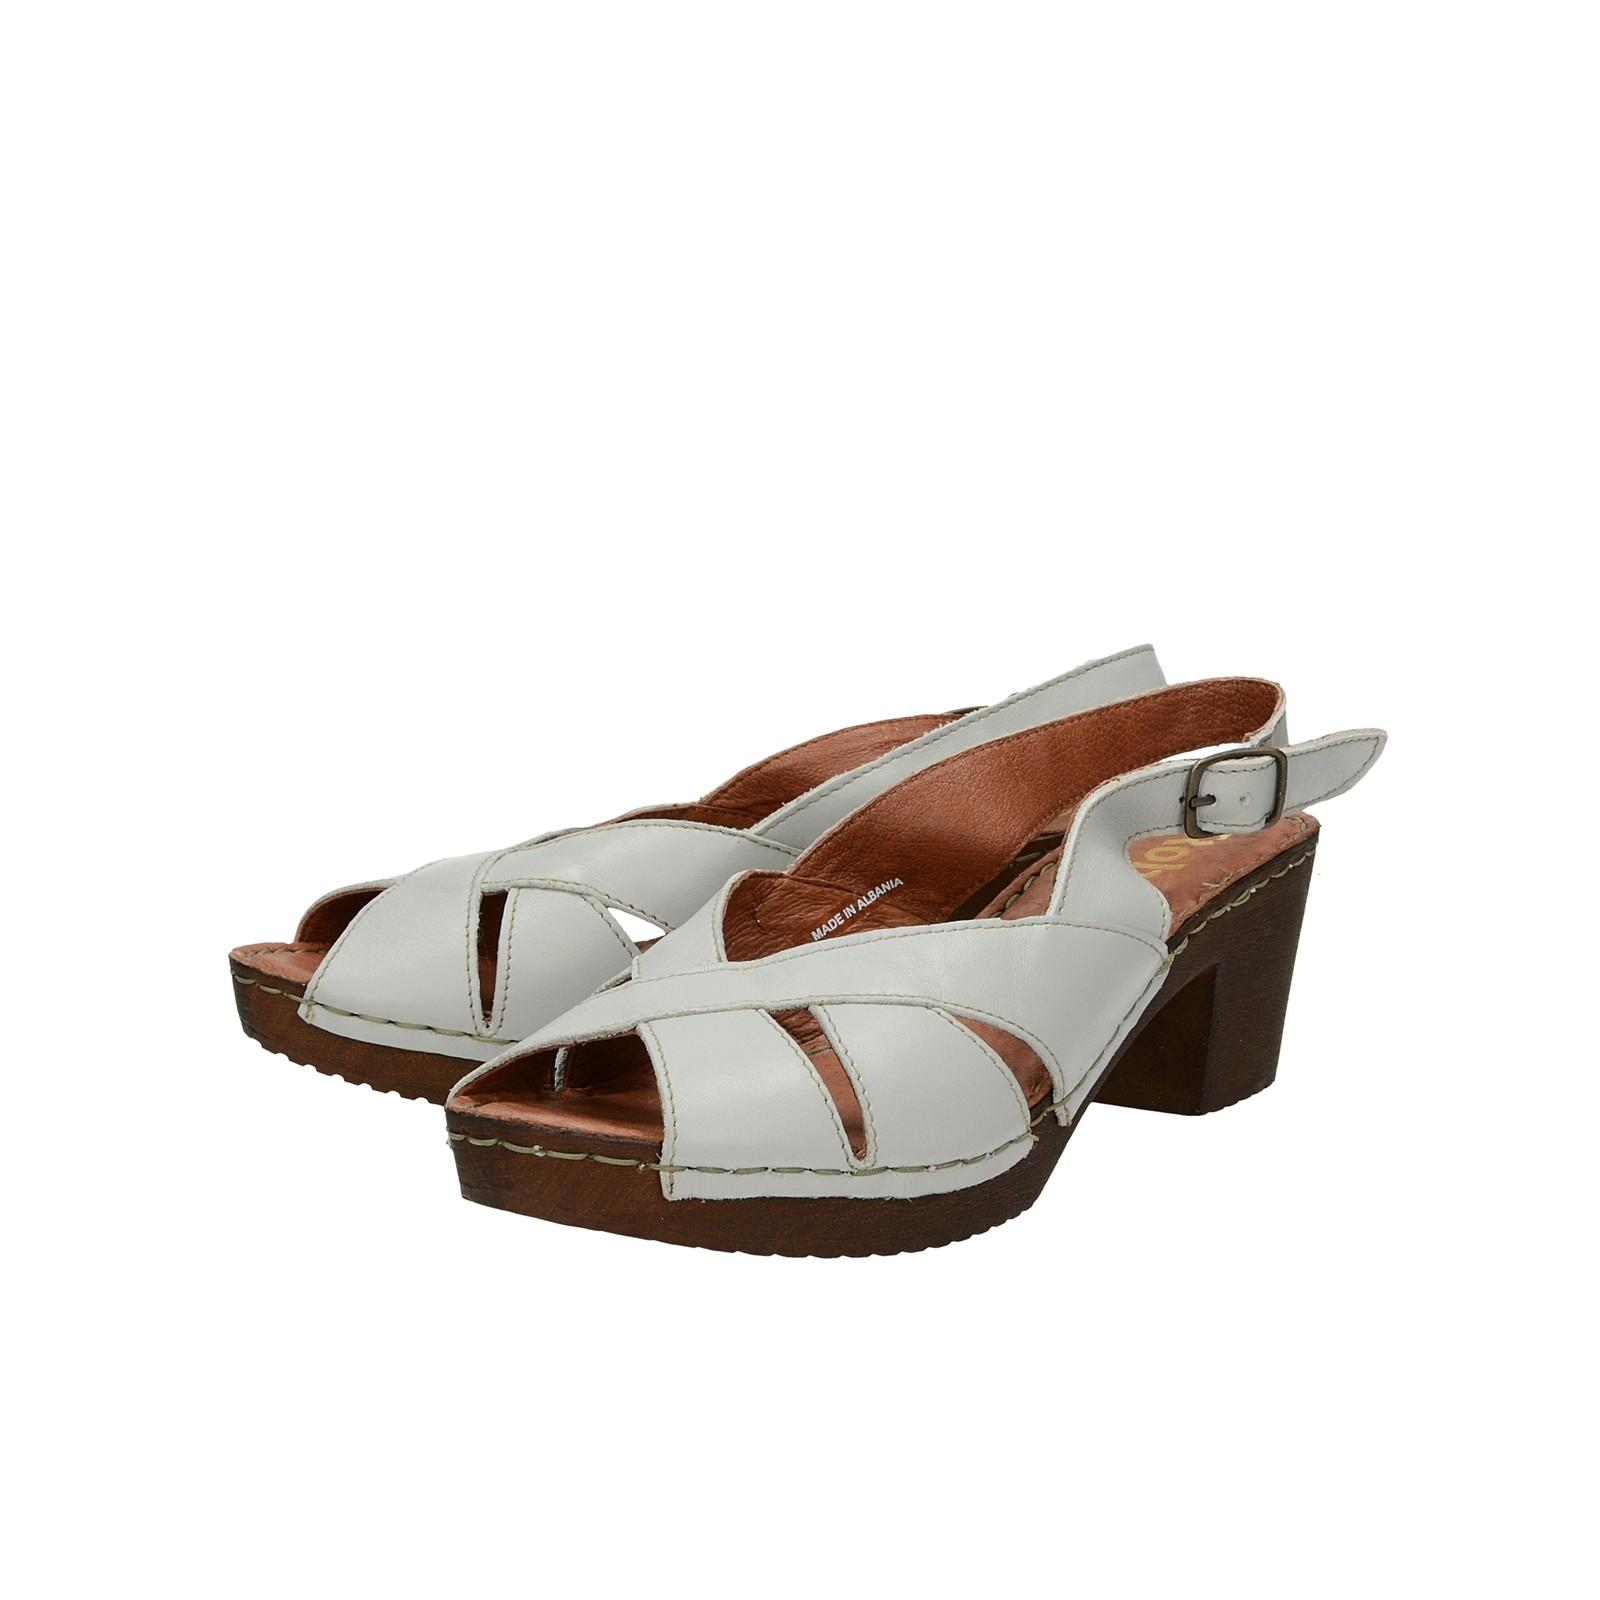 4d756a91938c4 Robel dámske kožené sandále na podpätku - šedé | 5113635-GRIGIO www ...